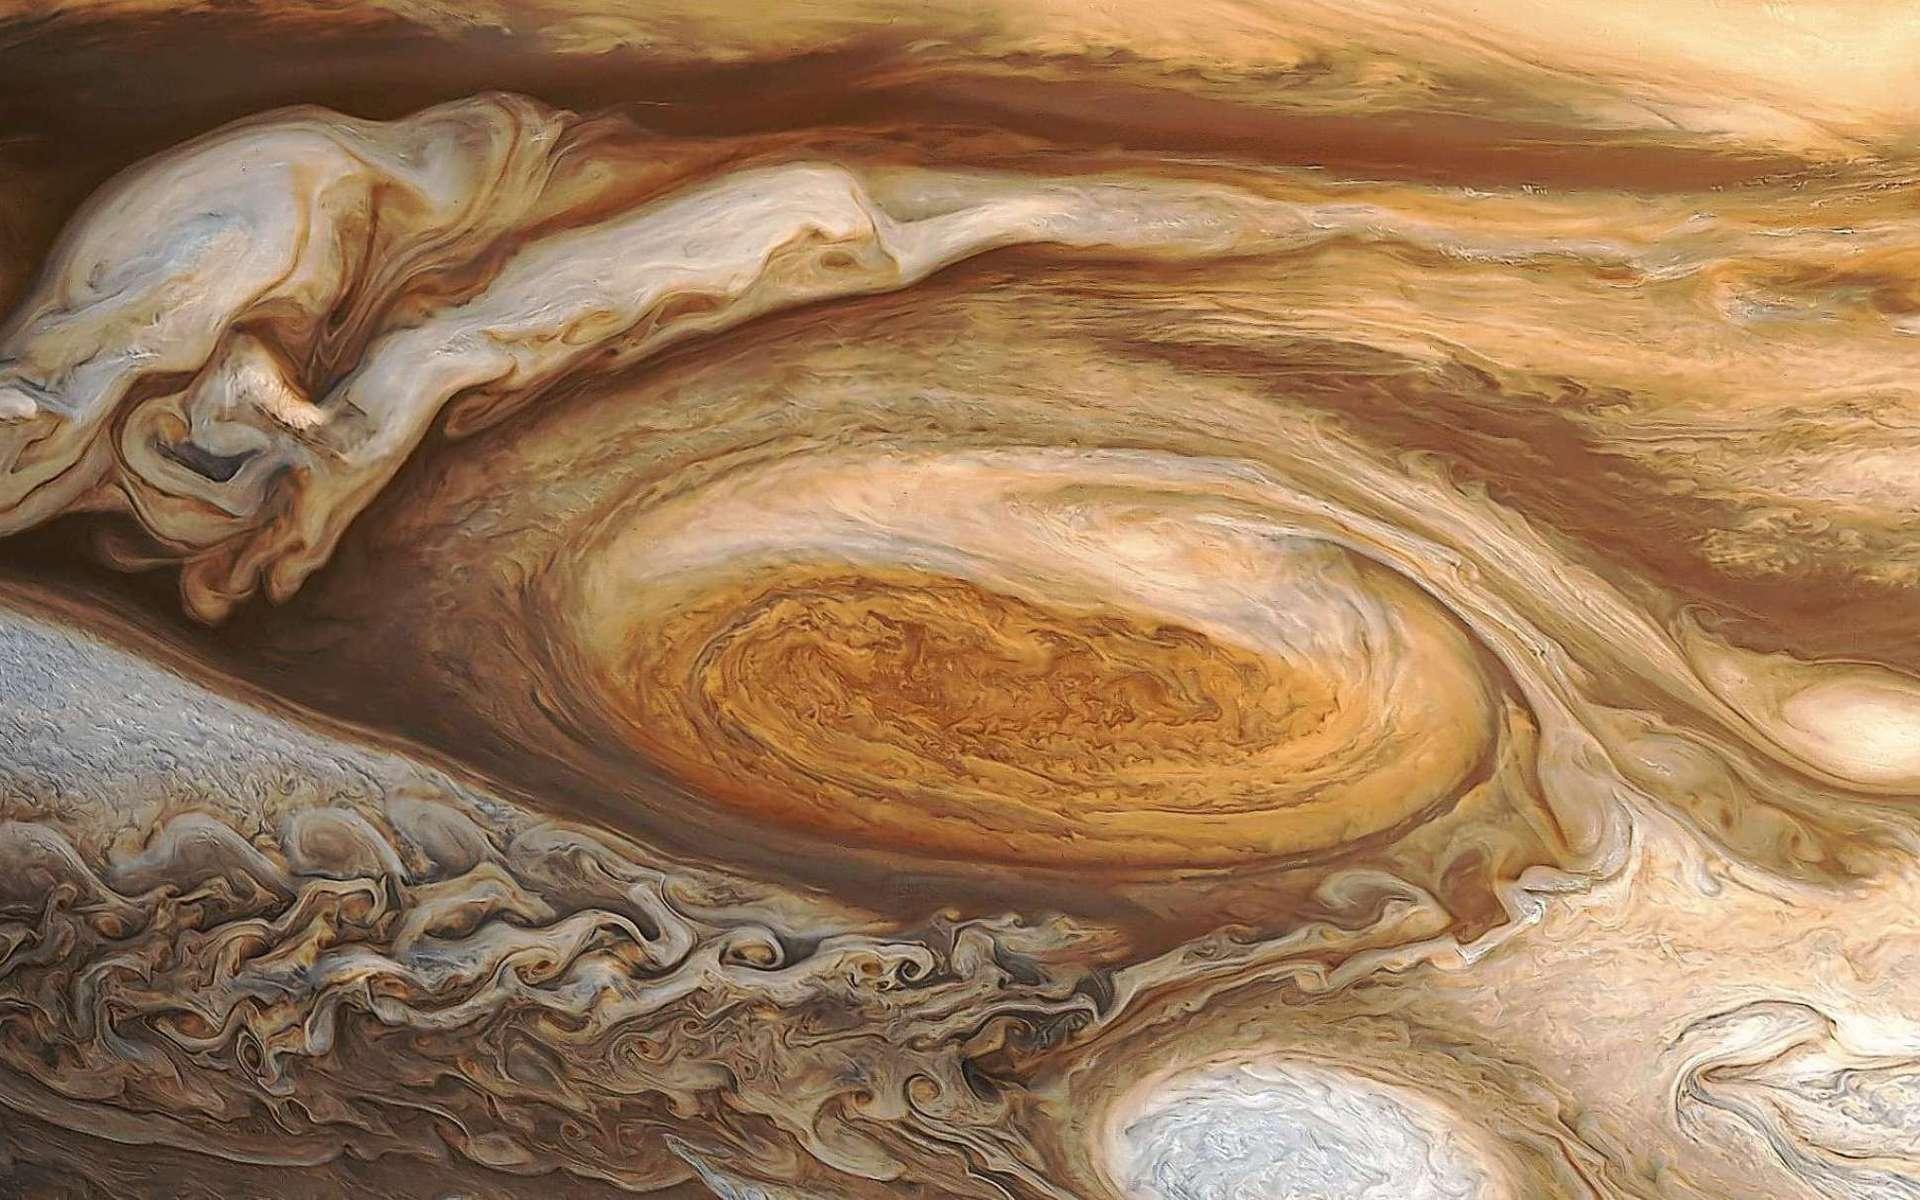 Des chercheurs de l'université d'Aix-Marseille (France) confirment aujourd'hui ce que d'autres avaient déjà annoncé : la Grande Tache rouge de Jupiter ne va pas disparaître. Elle serait toujours aussi profonde qu'il y a 40 ans. © Nasa